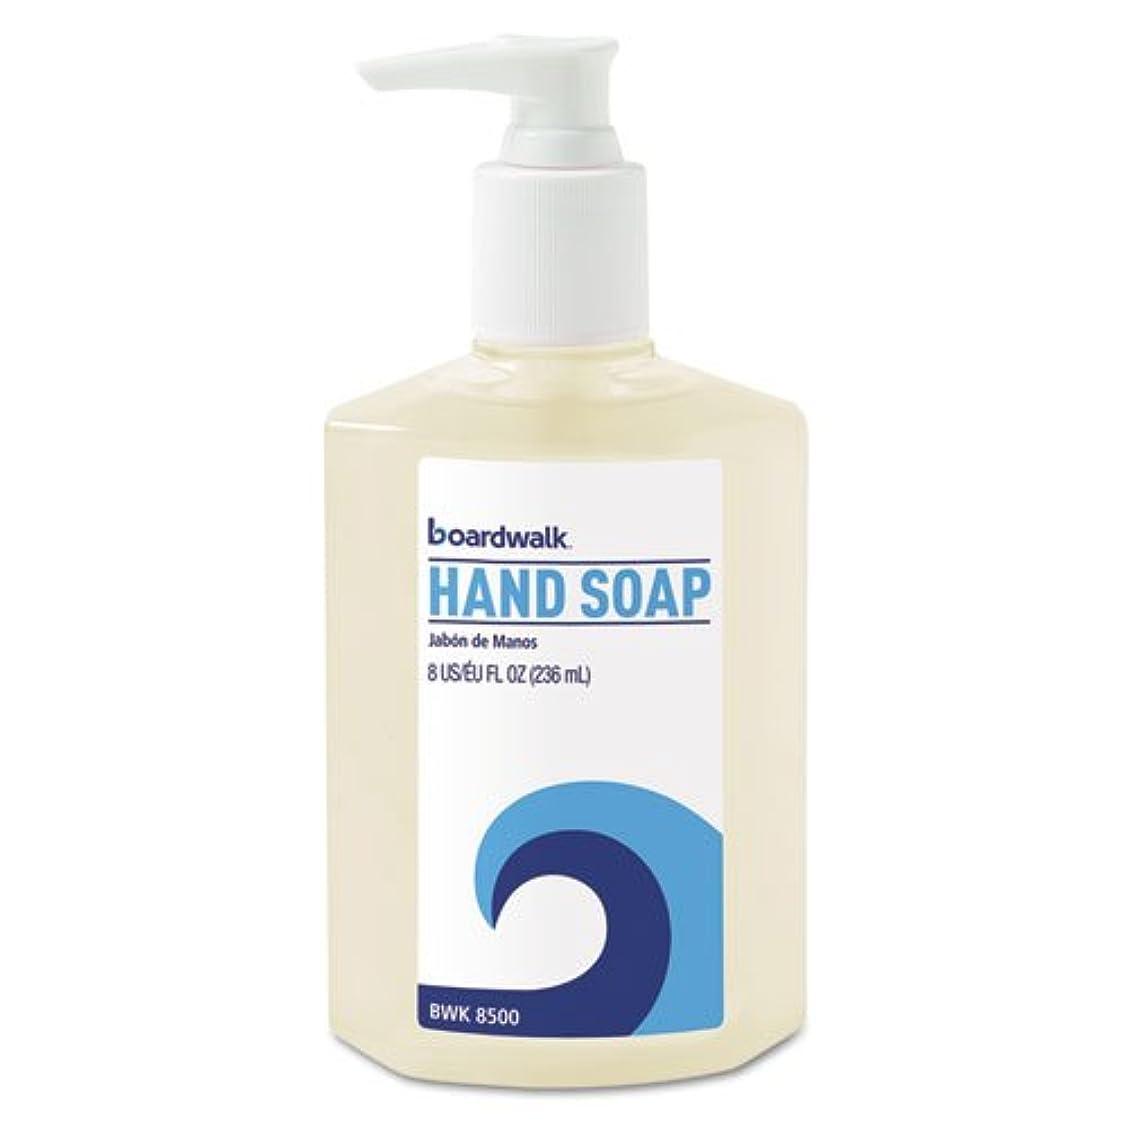 ホーム頑張る不承認bwk8500 – Liquid Hand Soap